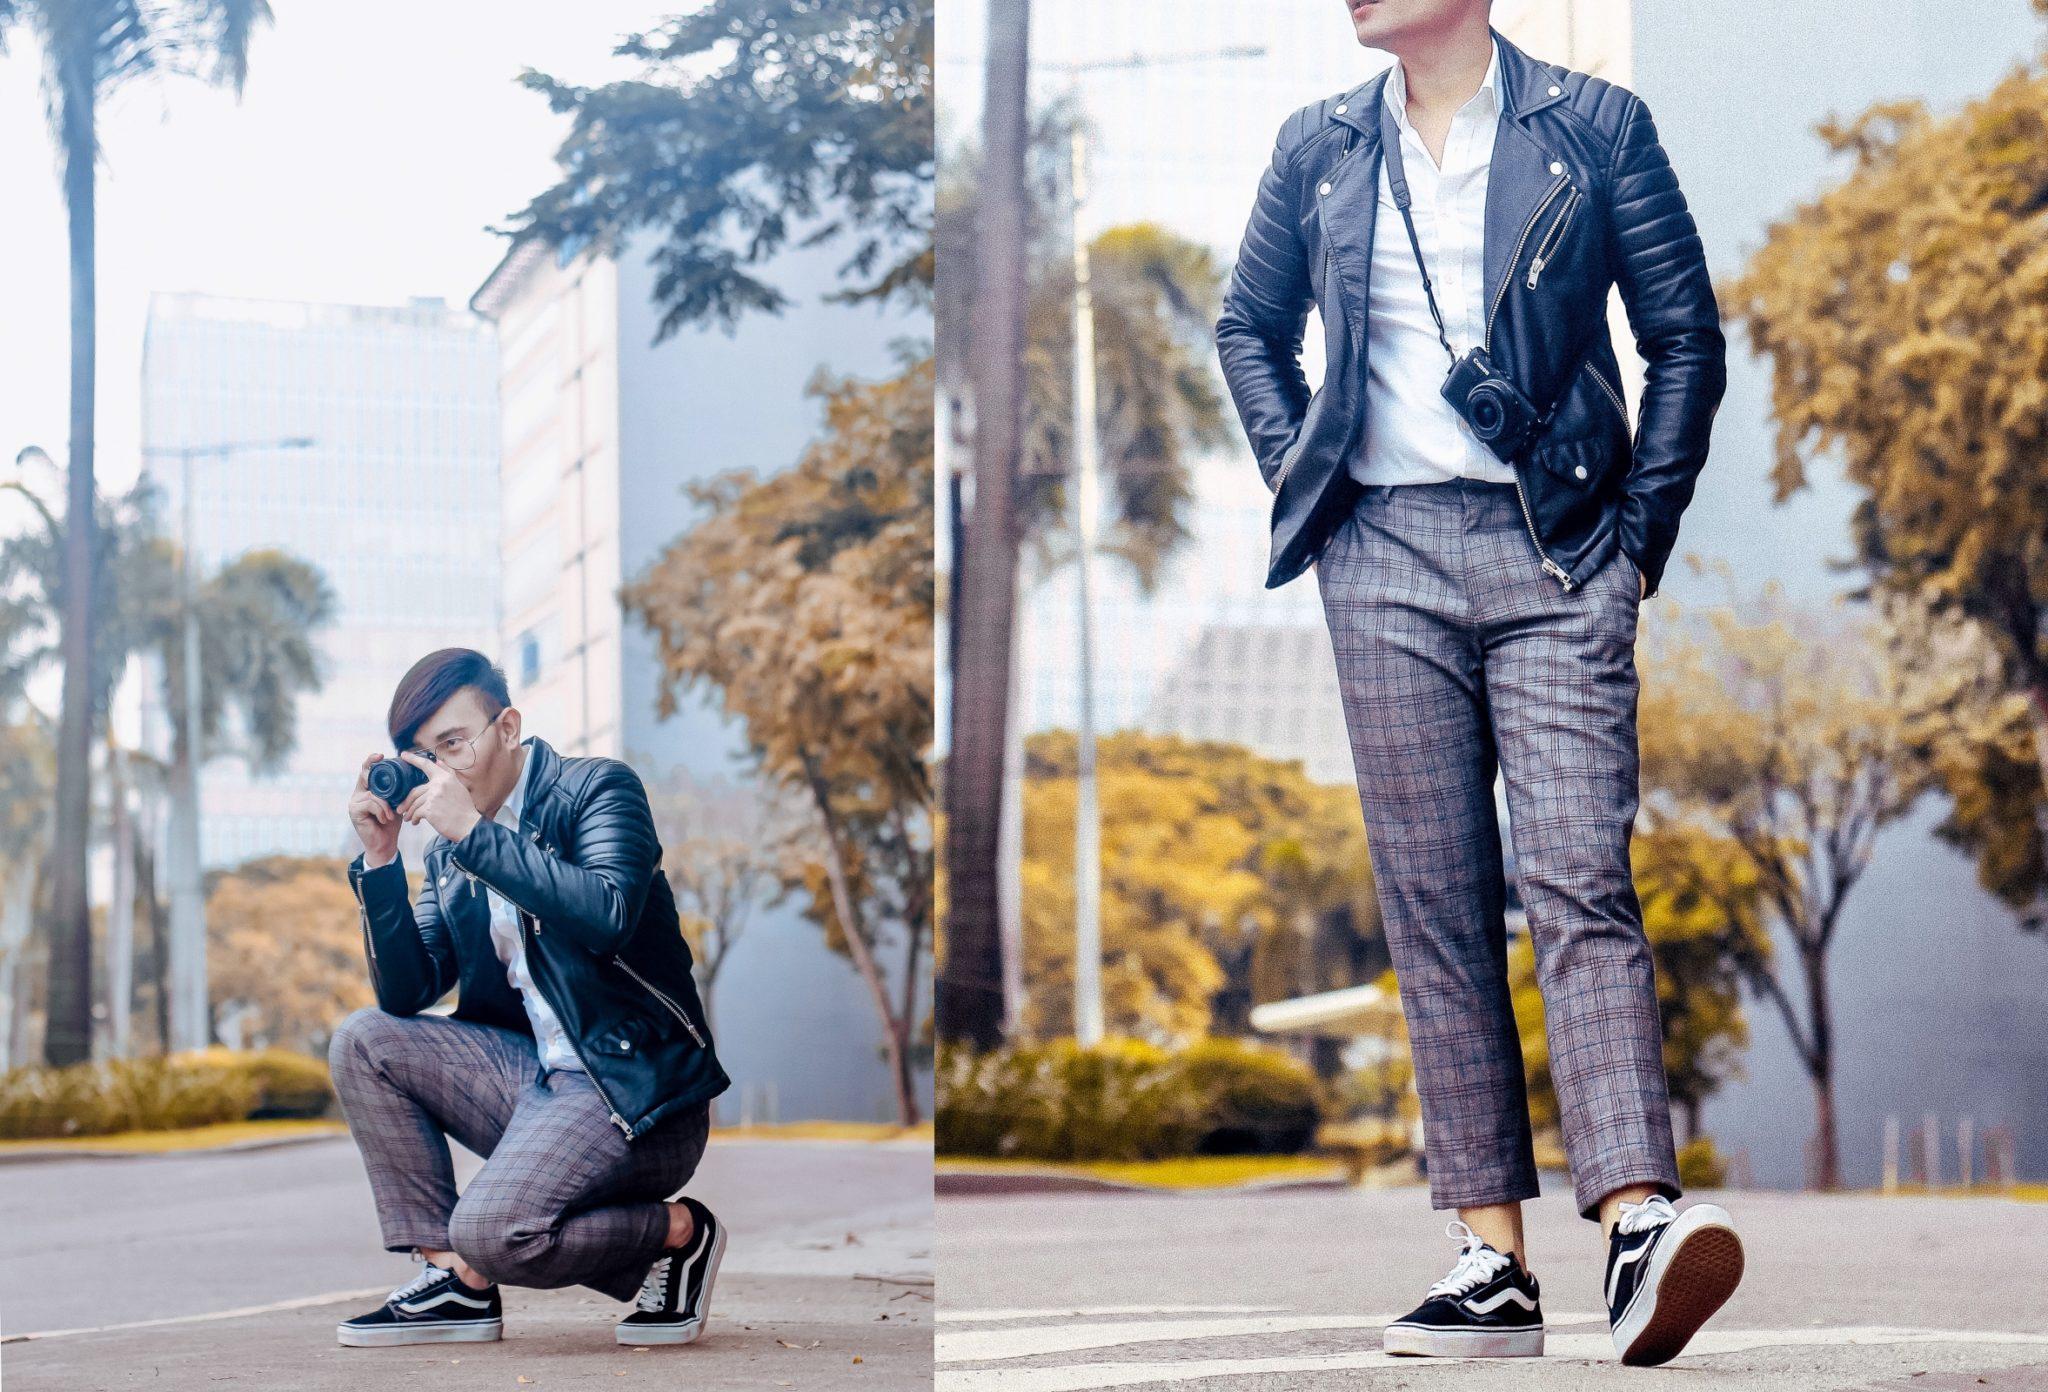 cebu fashion blogger men style man leather jacket ootd